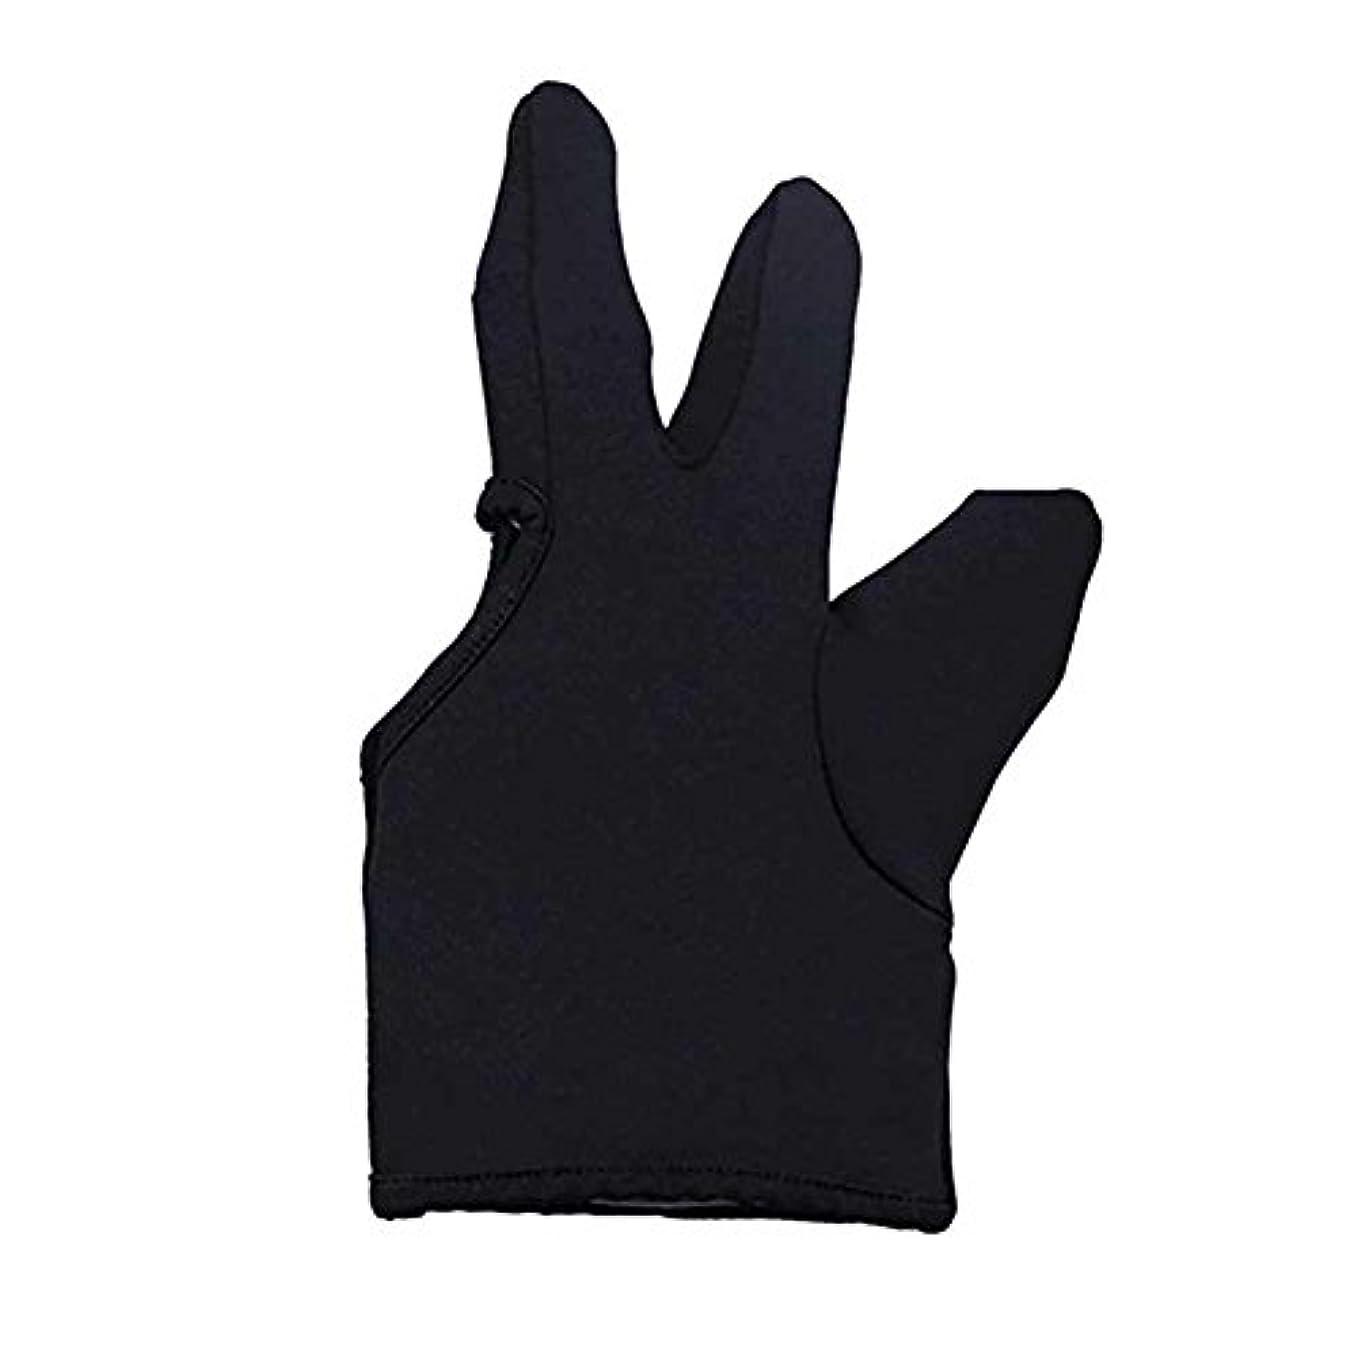 毛皮法廷核Liebeye 3本の指耐熱フィンガー保護手袋 ヘアスタイリングツール